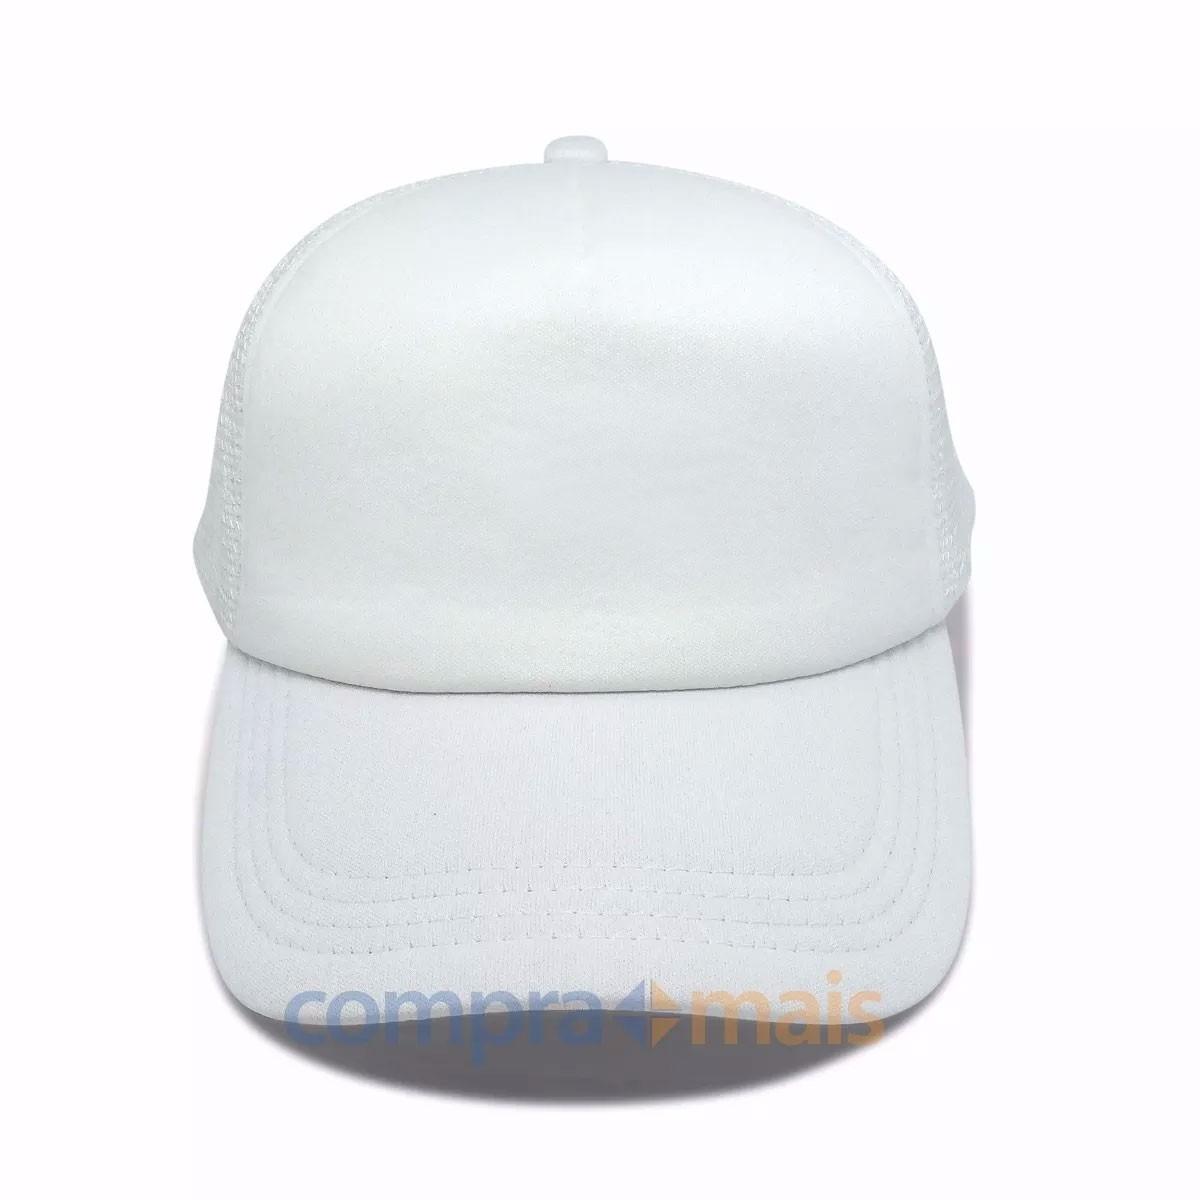 boné trucker branco liso tela aba curva redinha top. Carregando zoom. 5e09f02523e